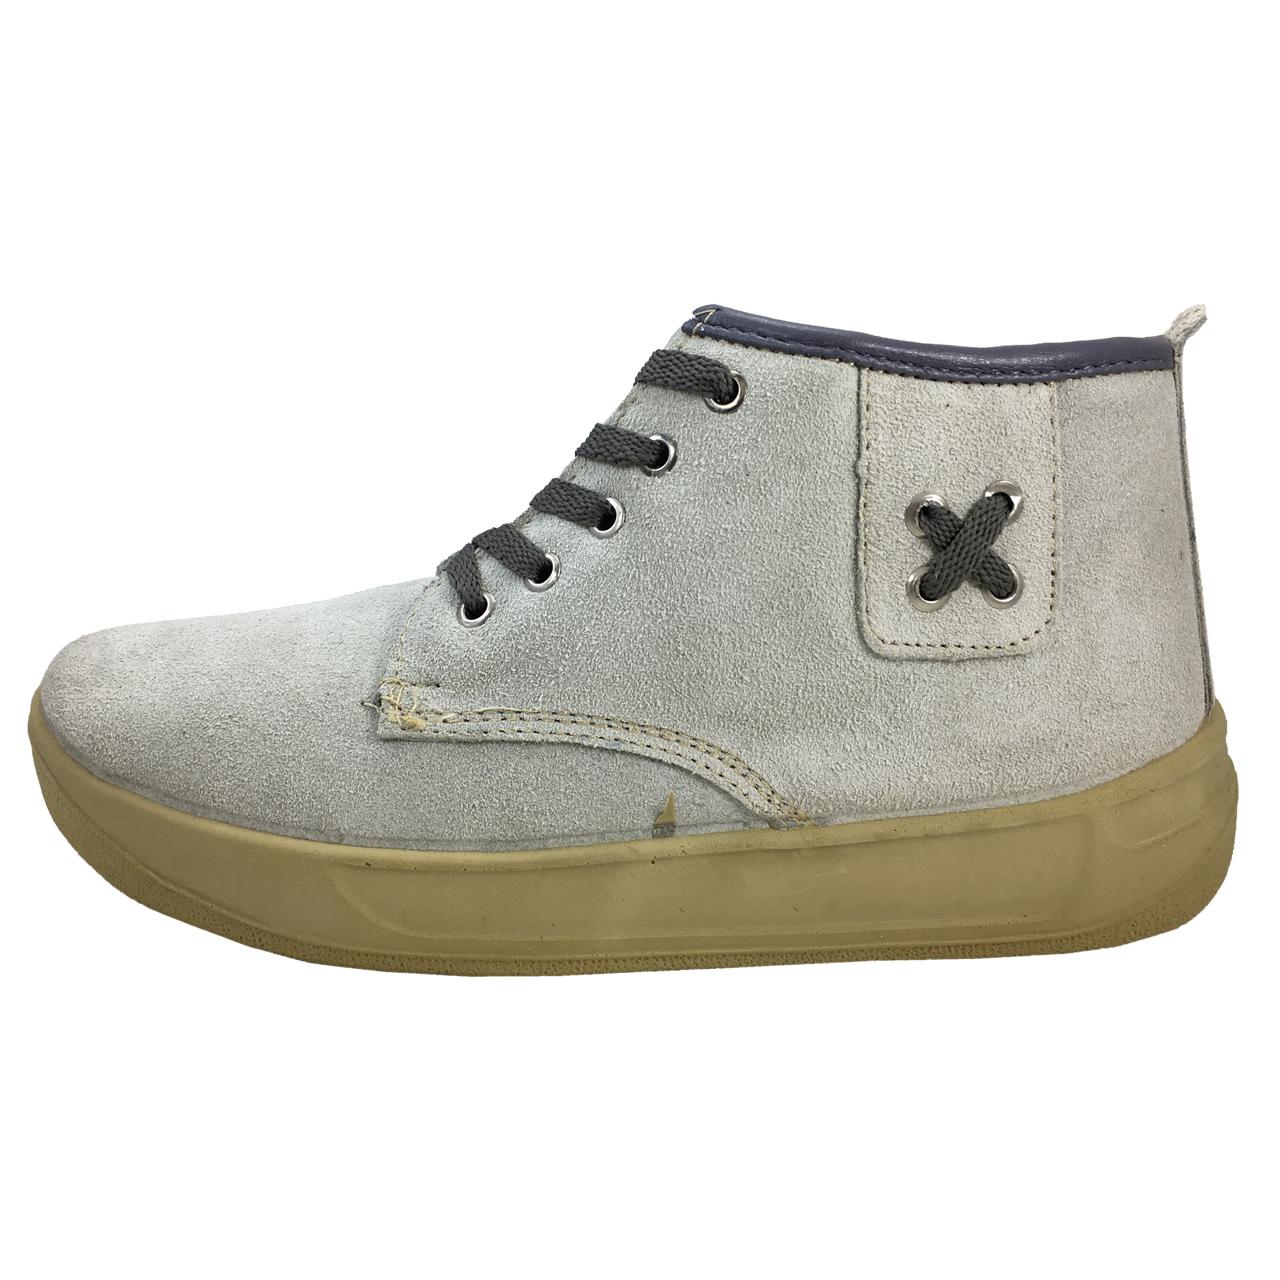 قیمت کفش کوهنوردی مردانه اورست مدل دوهوک کد 2467